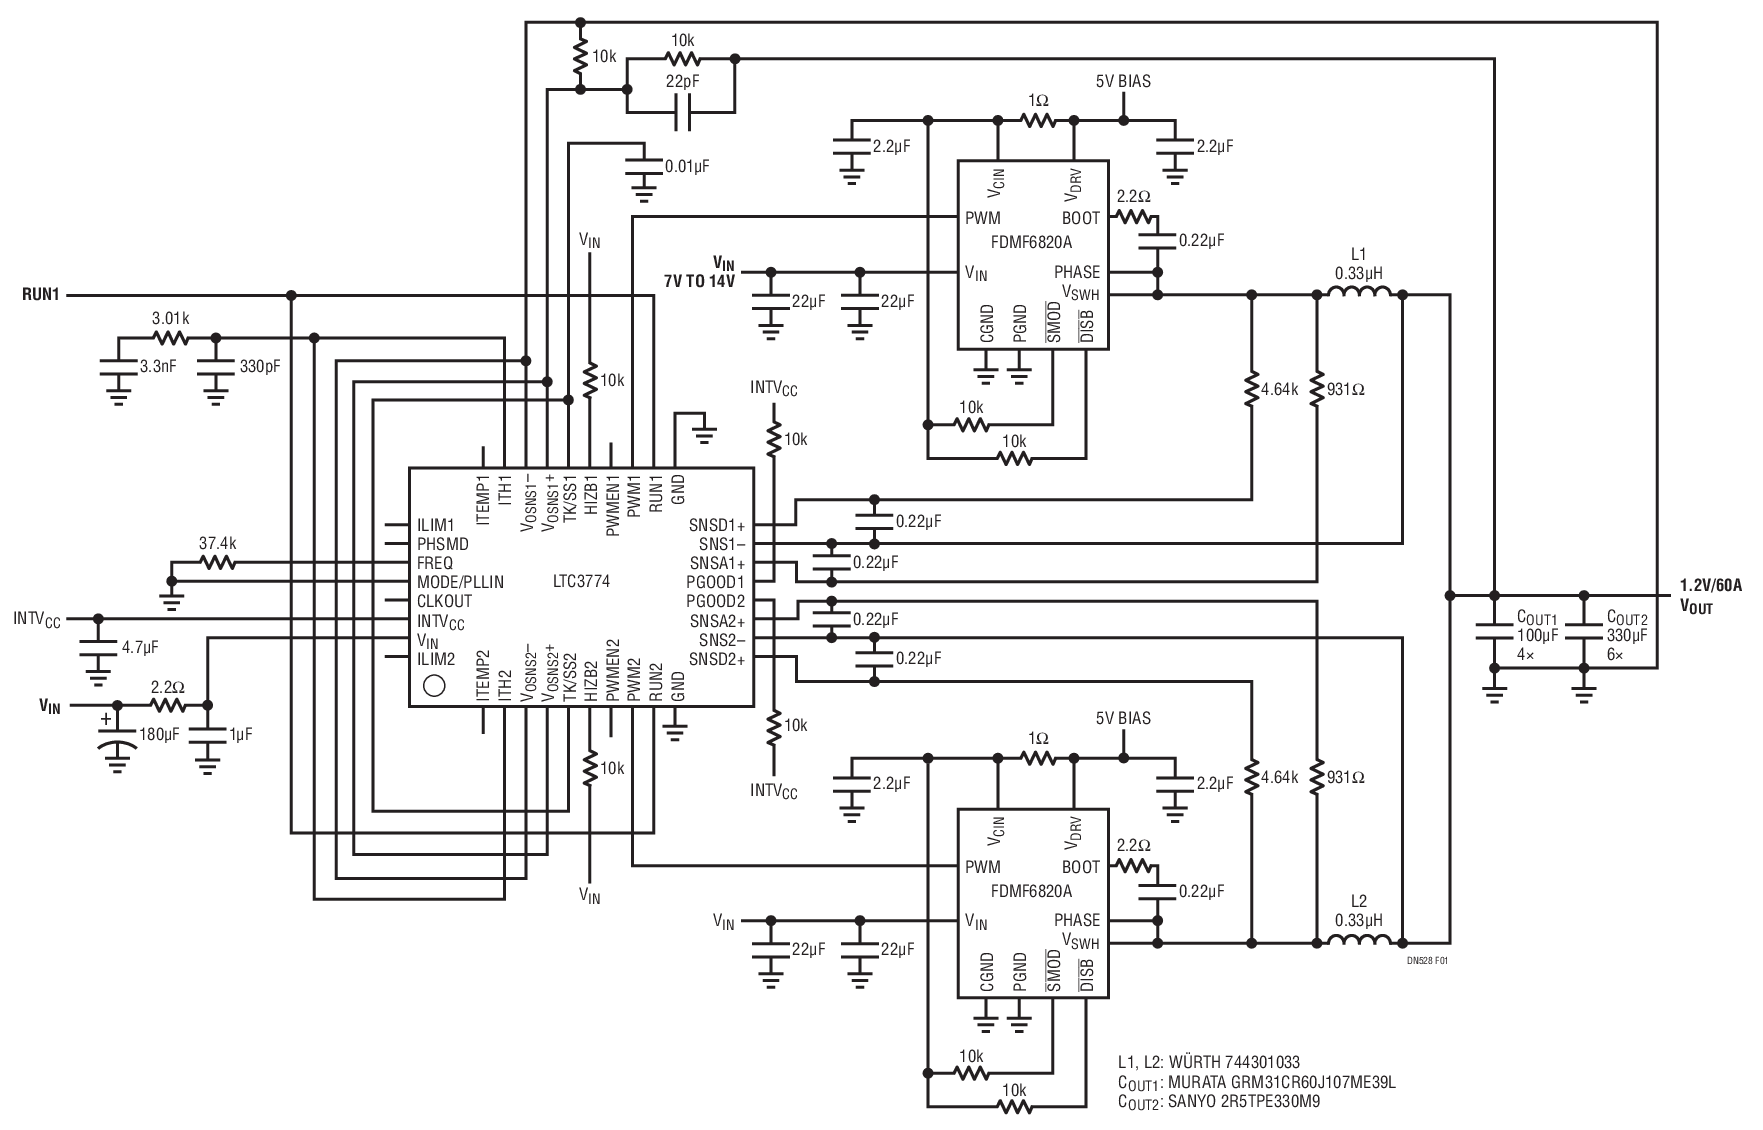 利用LTC3774双相降压型控制器改善电路的负载电流与效率